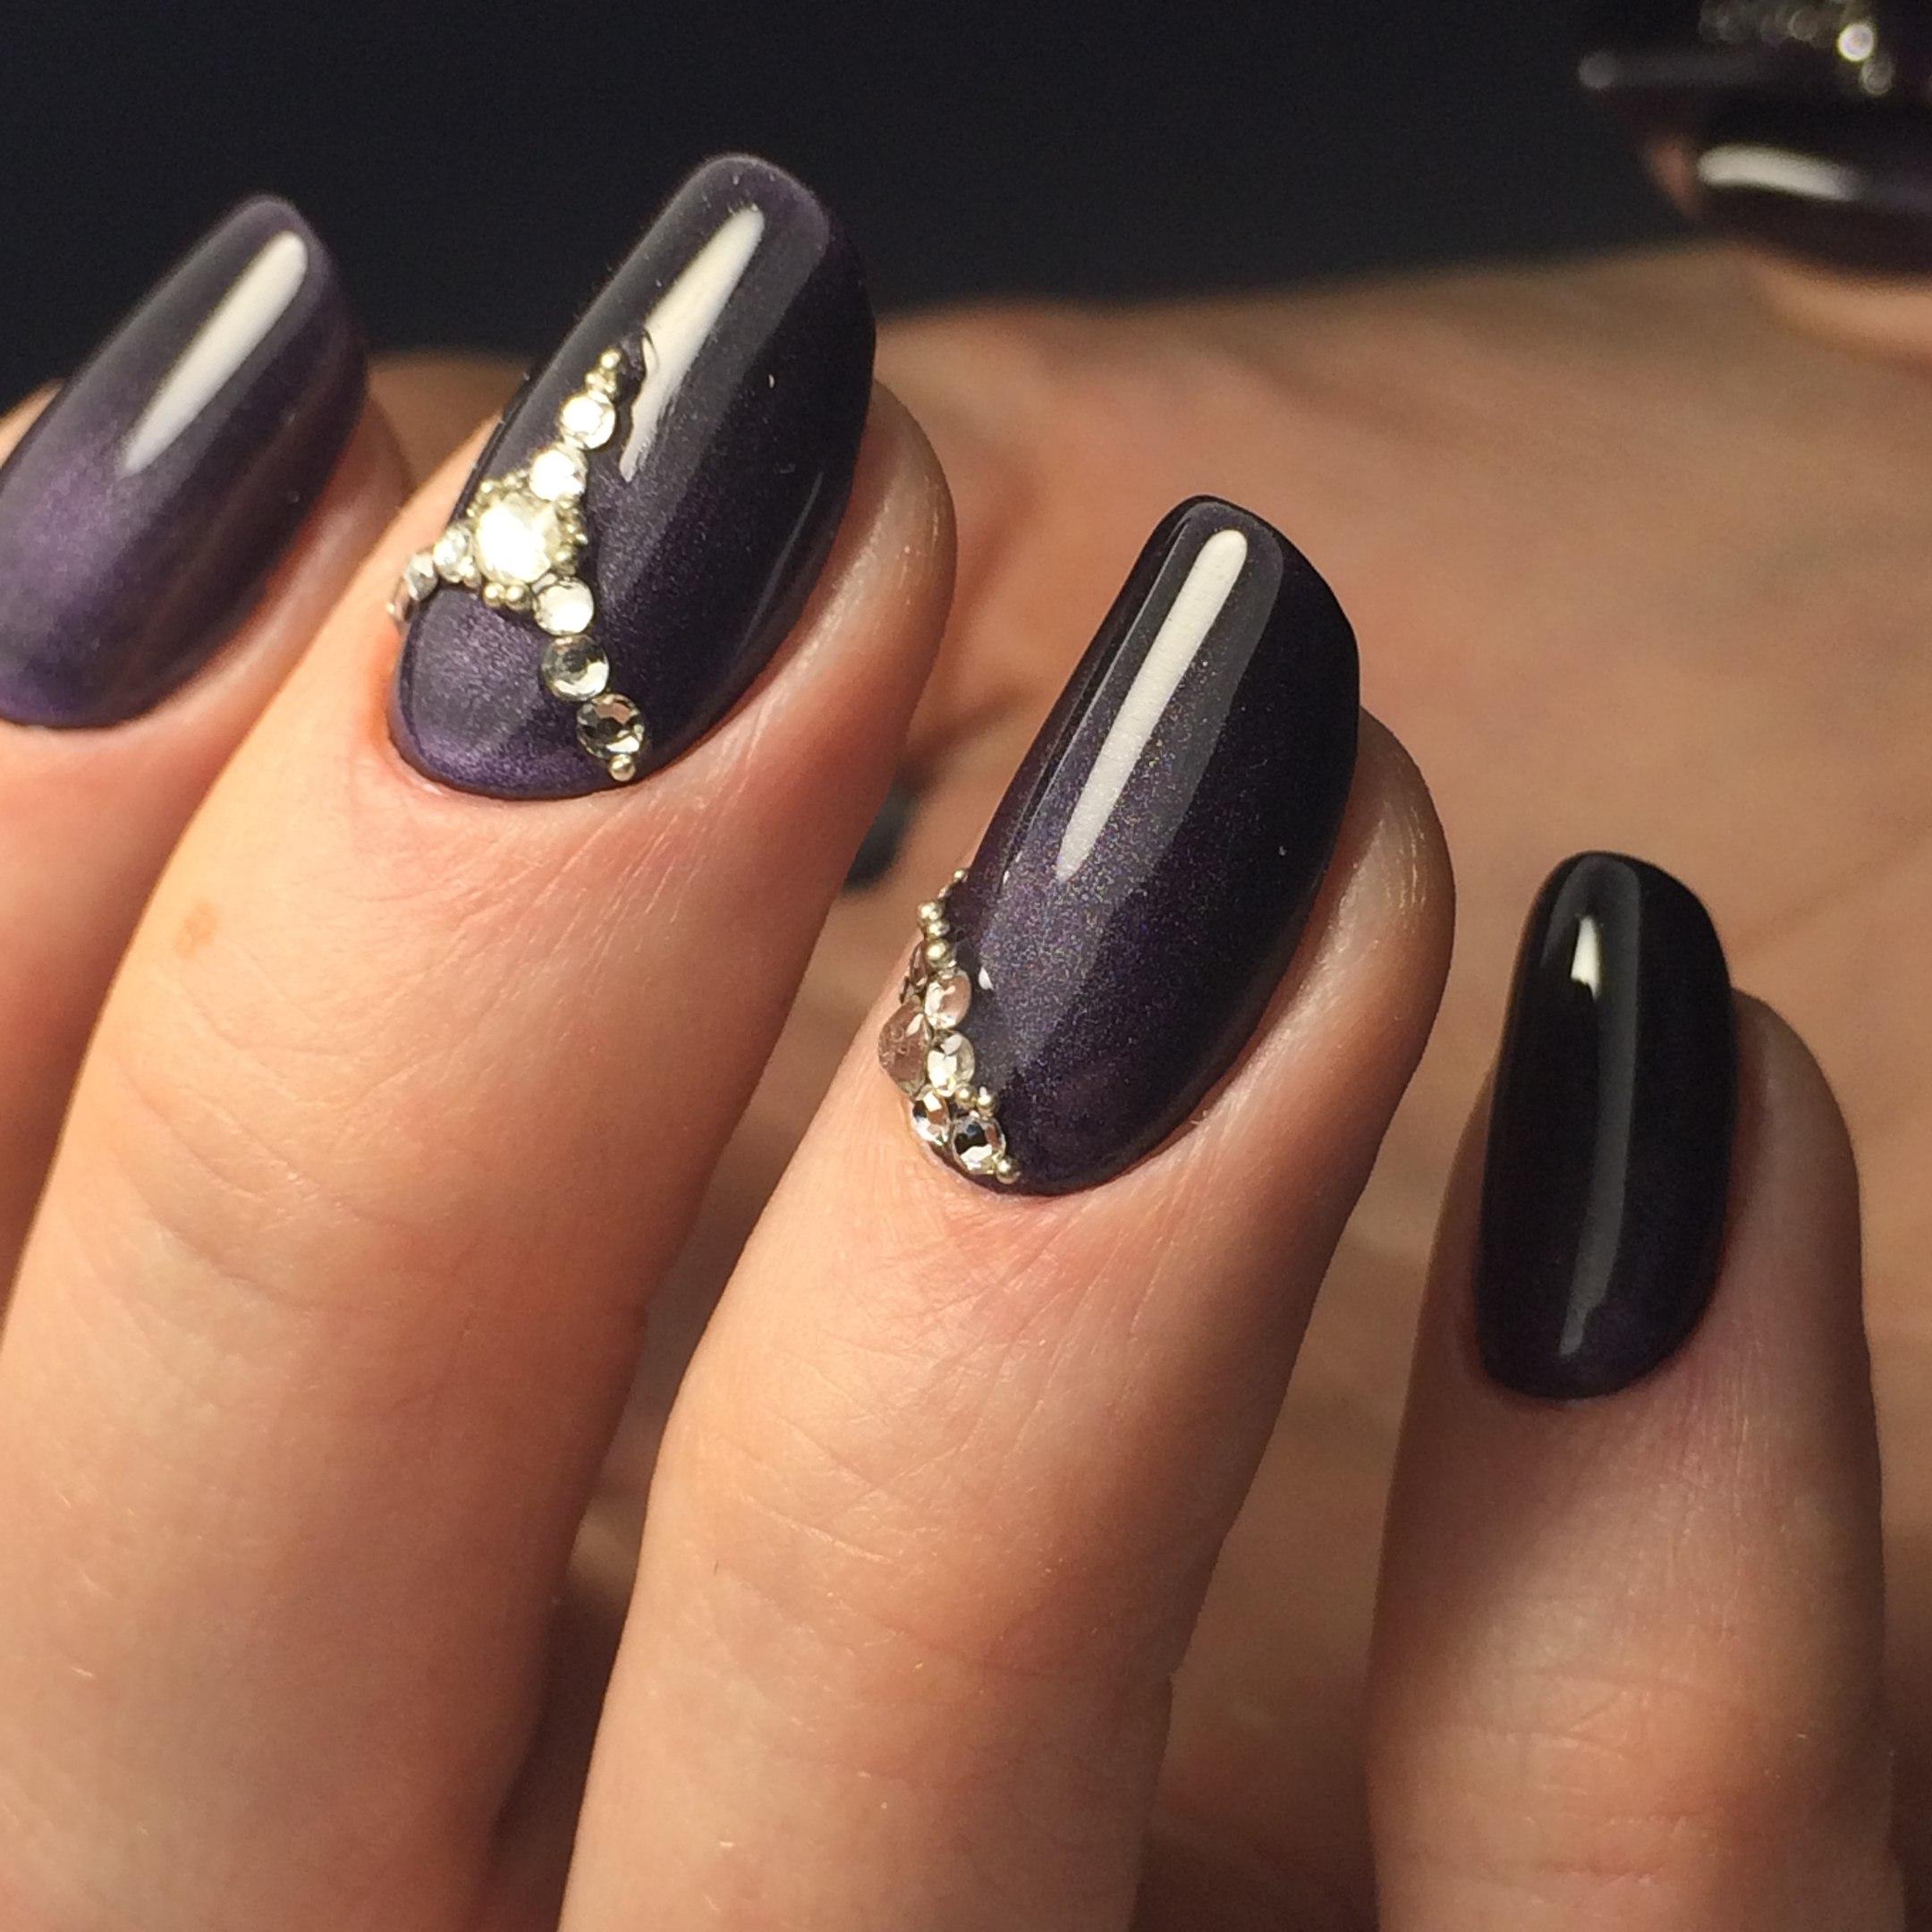 Ногти темный лак со стразами фото